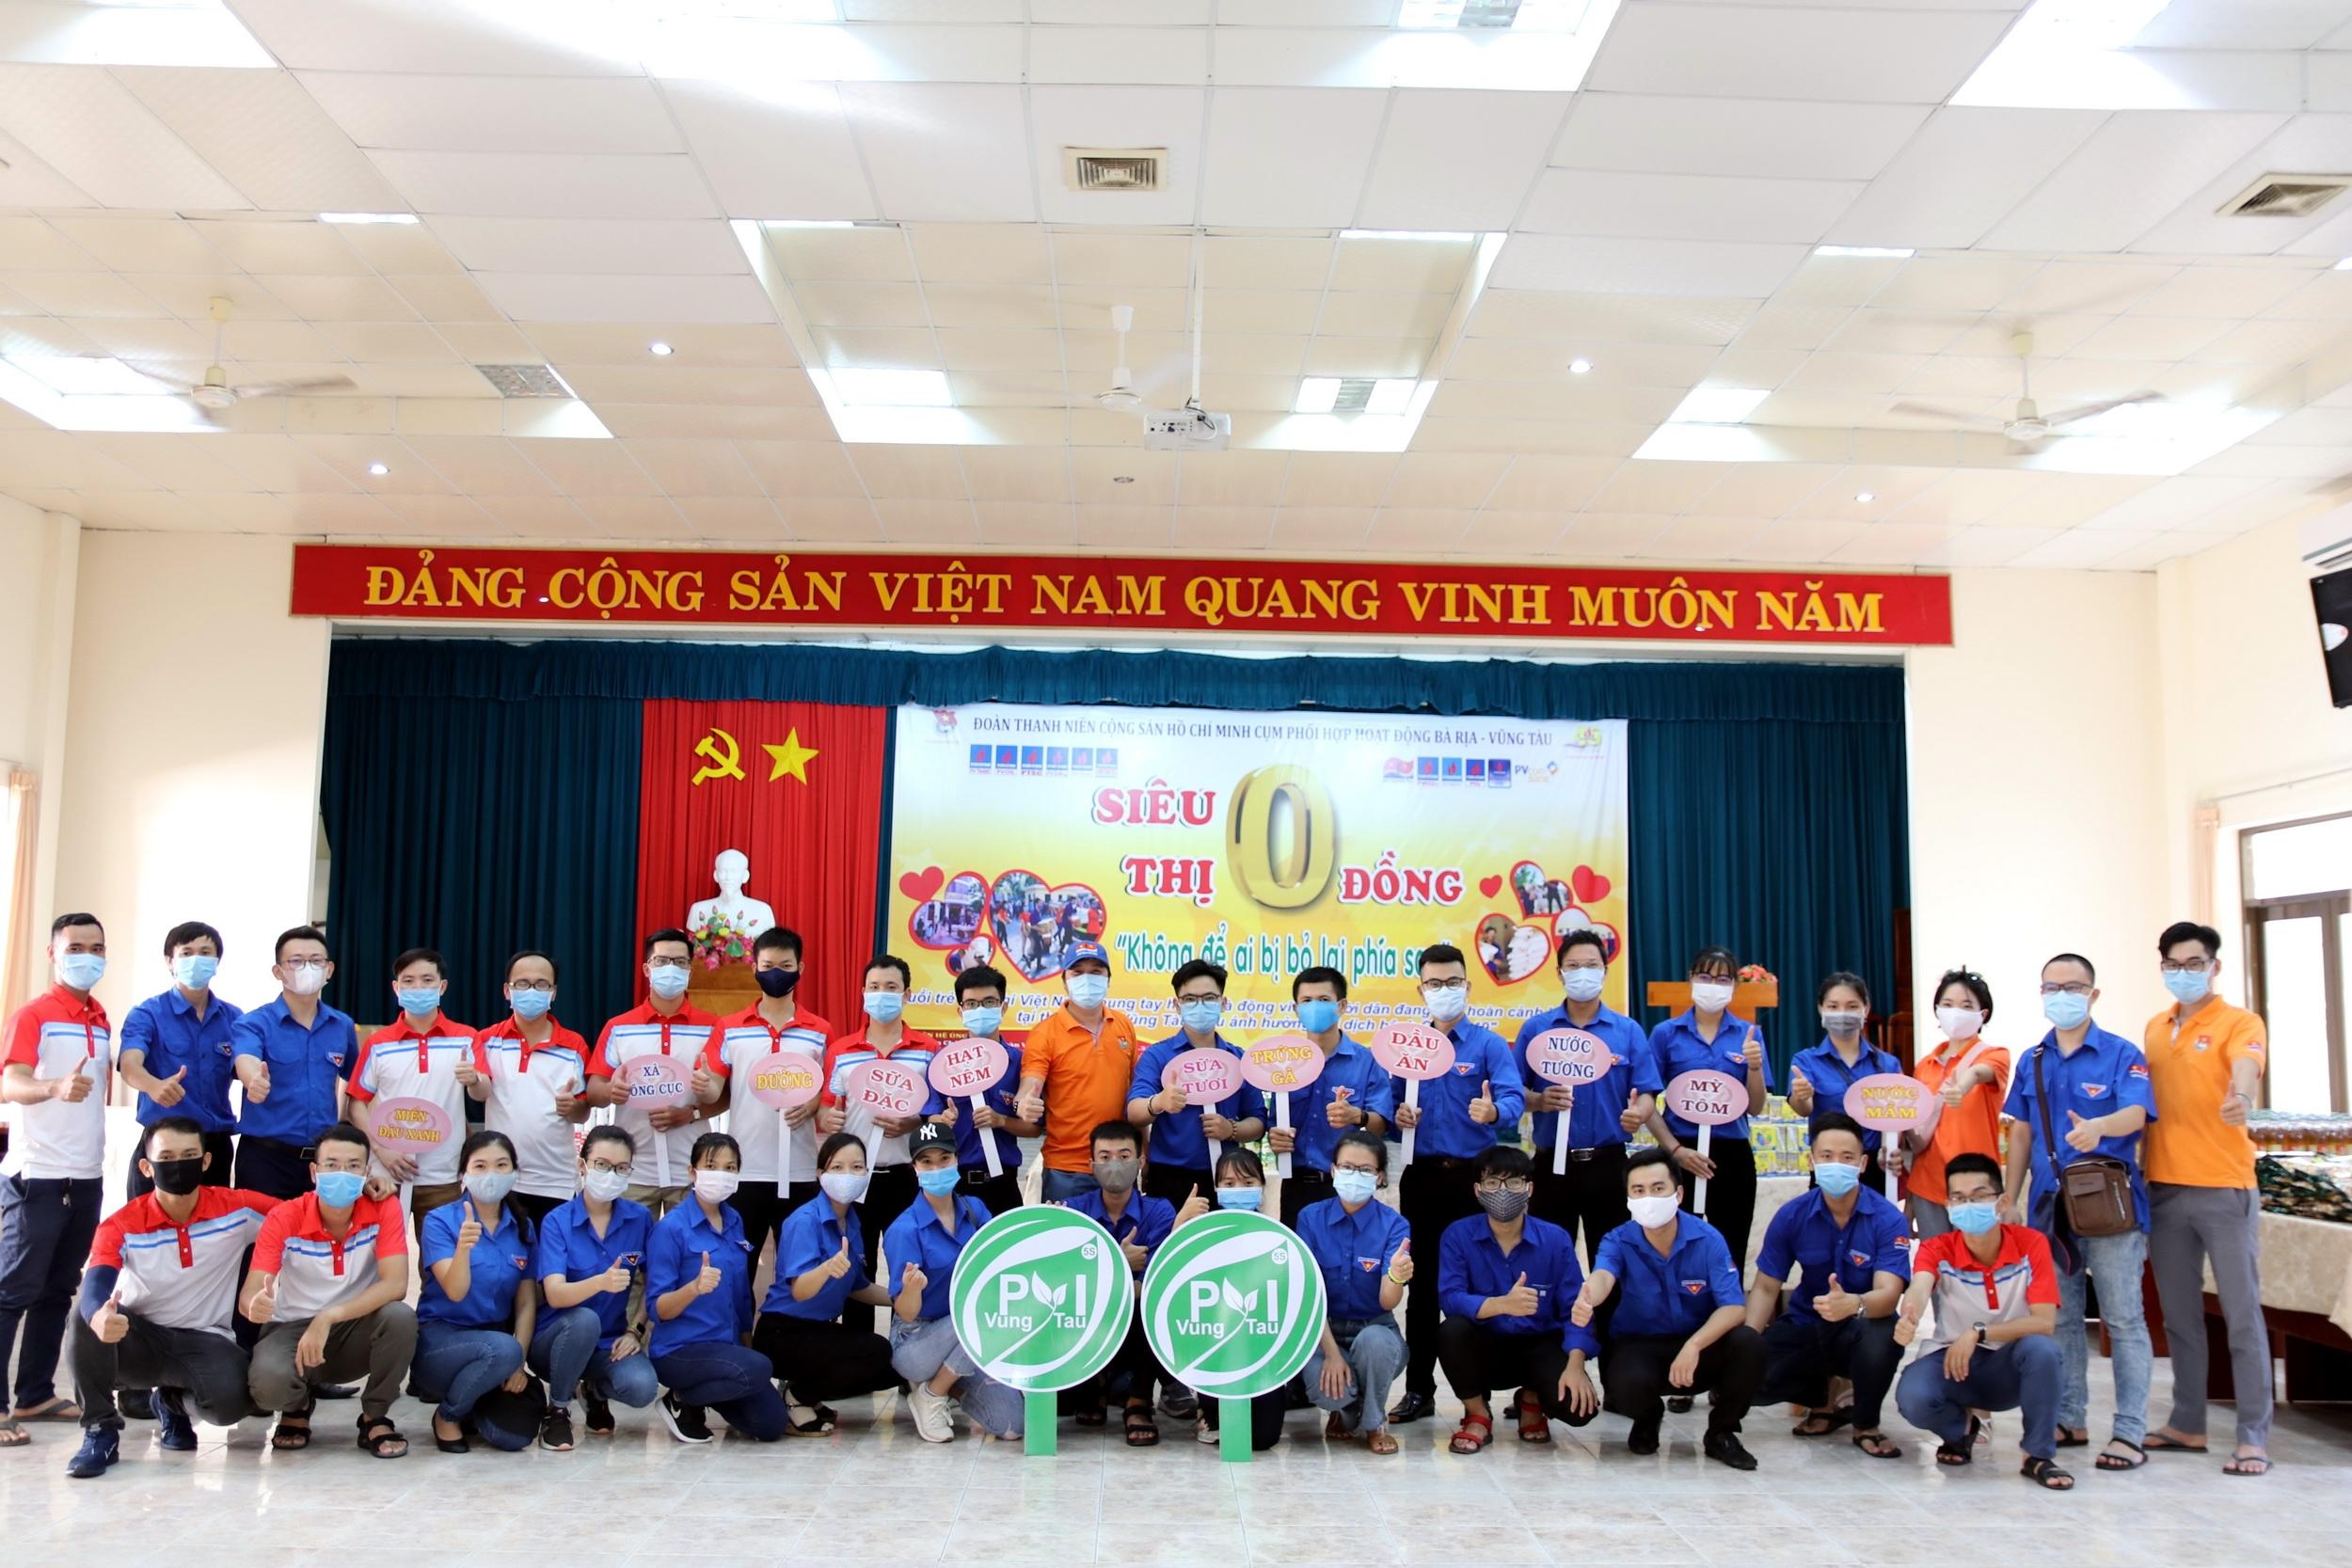 """Đông đảo các bạn trẻ PV GAS Cụm BR-VT tham gia phục vụ và ủng hộ chương trình """"Siêu thị 0 đồng"""""""